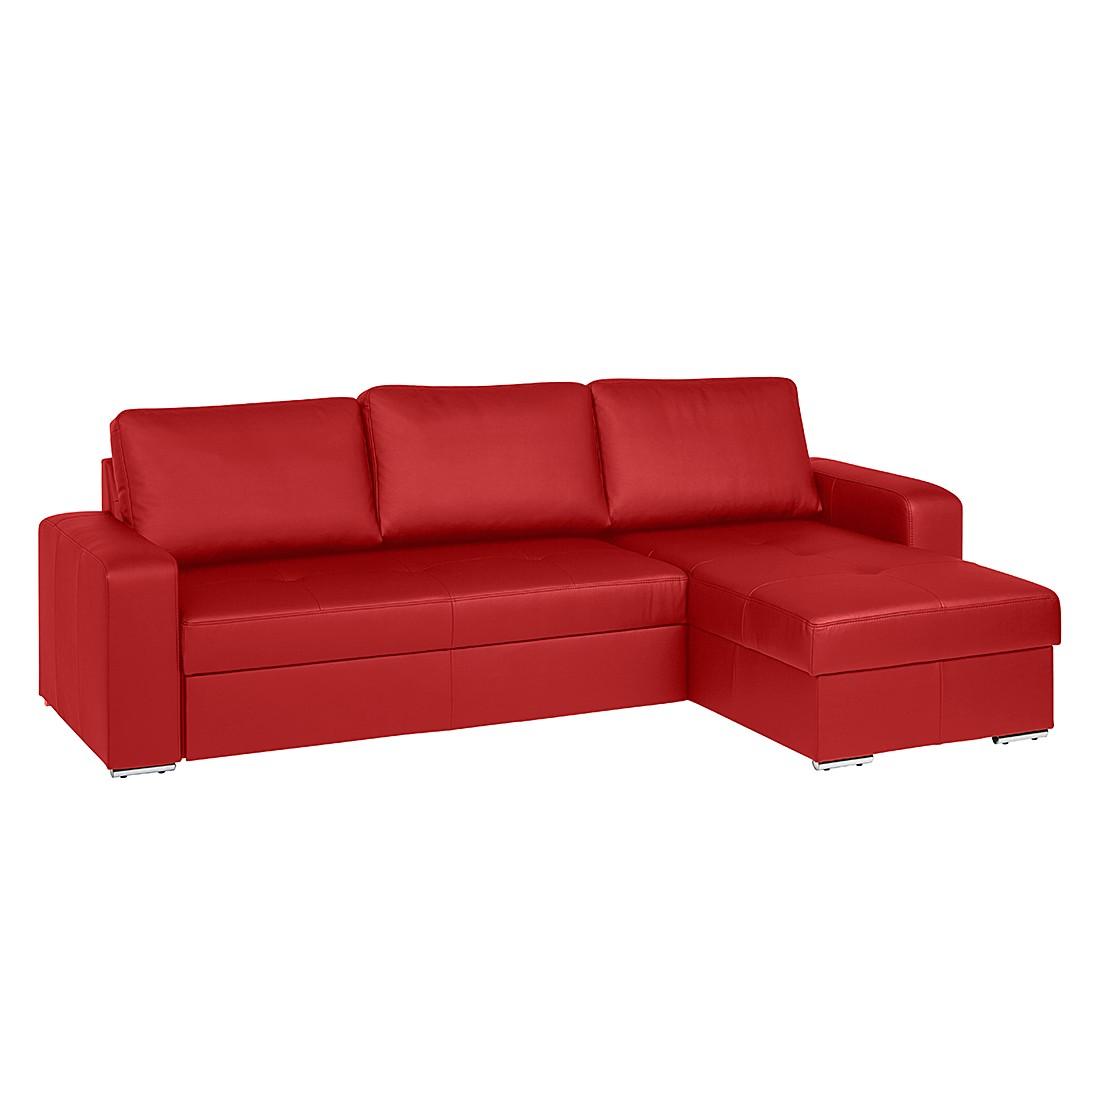 home24 Fredriks Ecksofa Rosini I 3-Sitzer Rot Echtleder 270x90x163 cm (BxHxT) mit Schlaffunktion/Bettkasten Modern